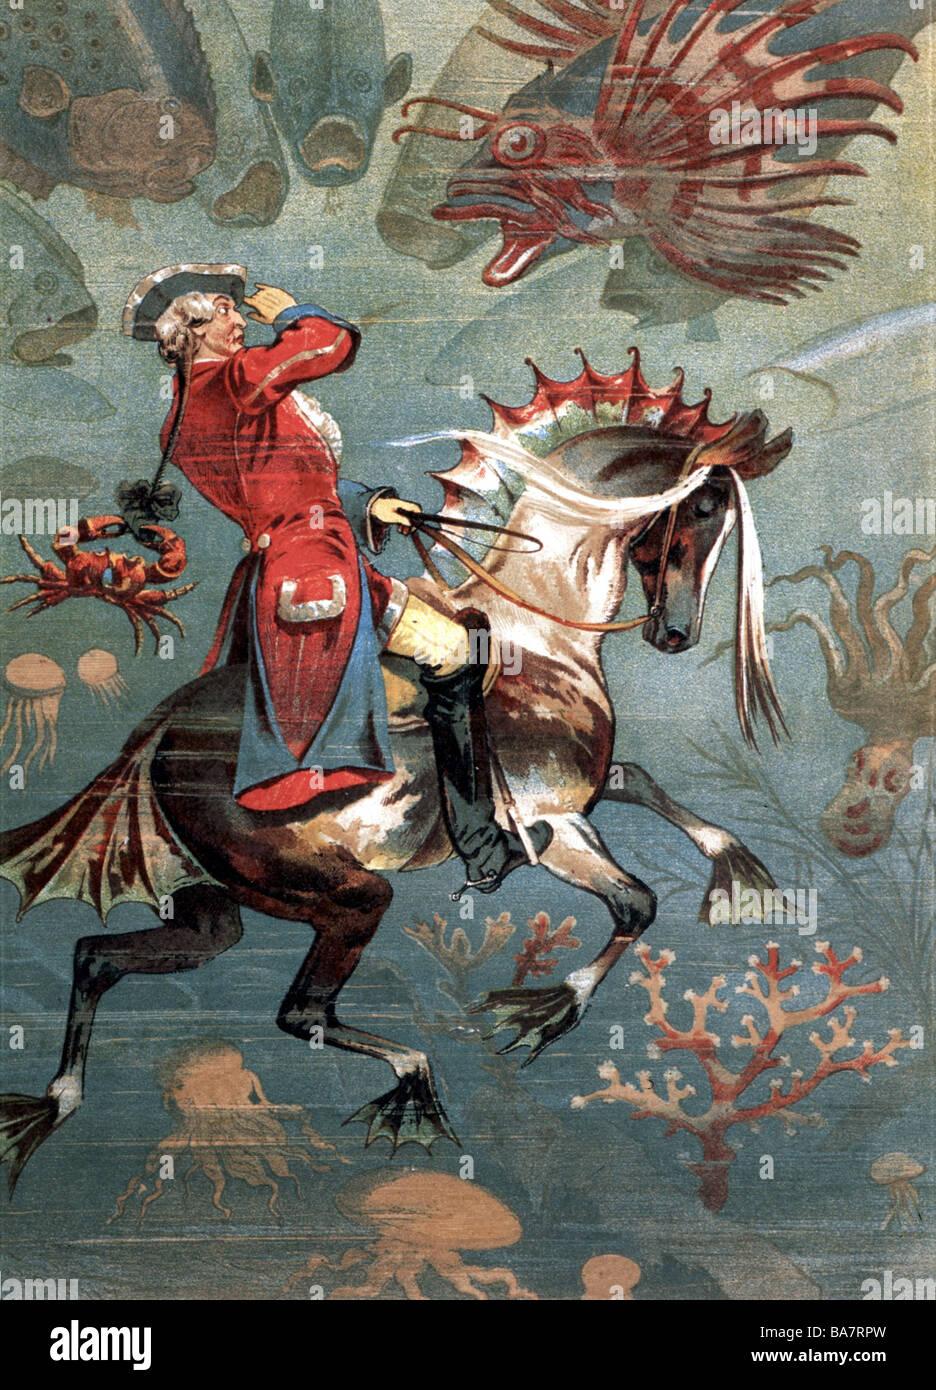 Münchhausen, barone Karl Friedrich Hieronymus, Freiherr von, 11.5.1720 - 22.2.1797, dipinto di G. F. Münchhausen in mare, nuotare sotto l'acqua sul suo cavallo con le pinne, artista del diritto d'autore non deve essere cancellata Foto Stock